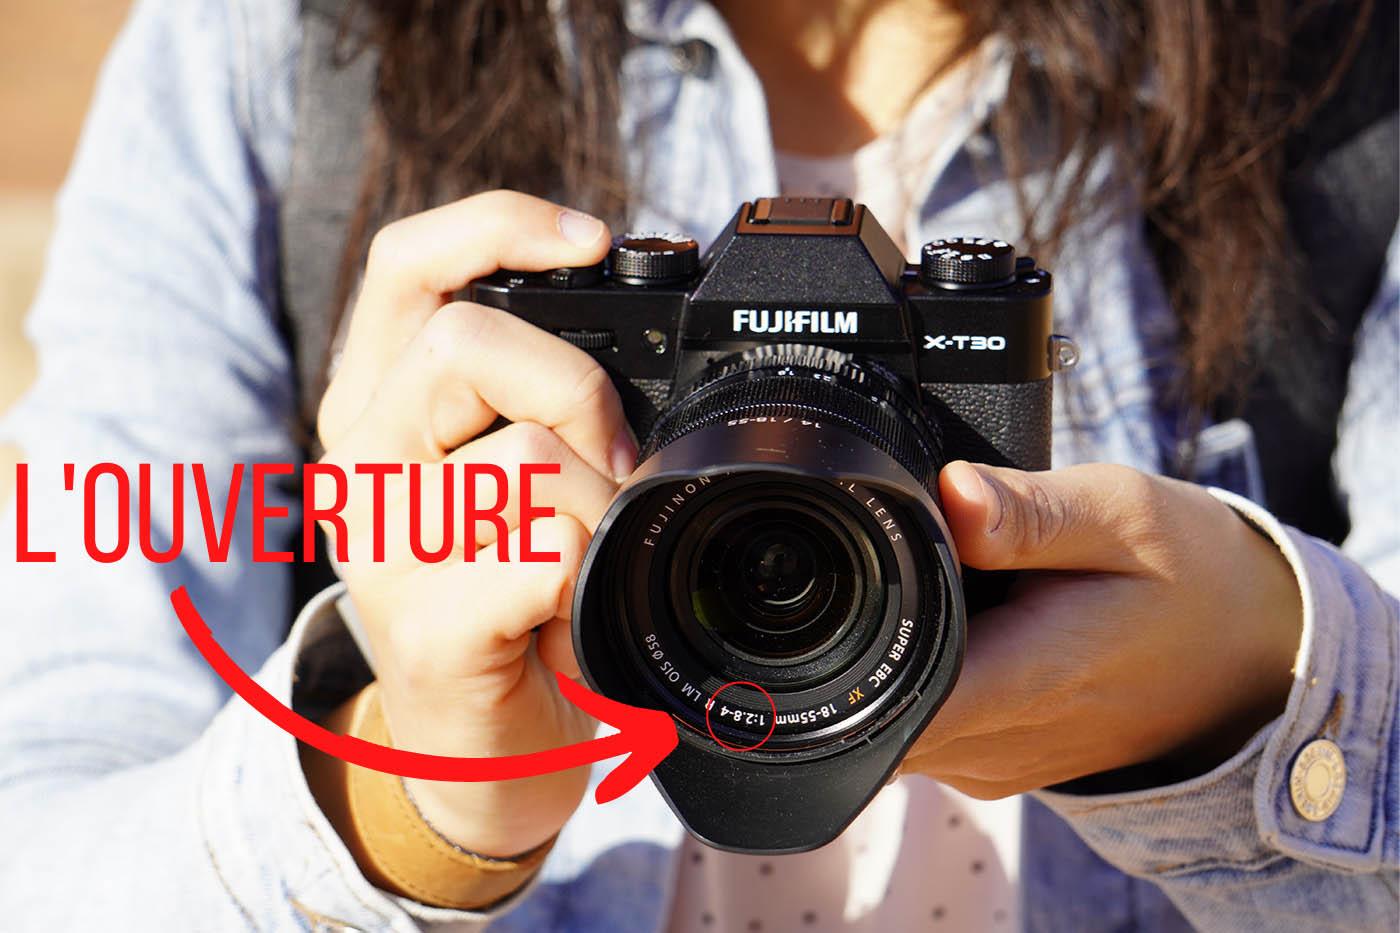 comment choisir un objectif photo en fonction de son ouverture